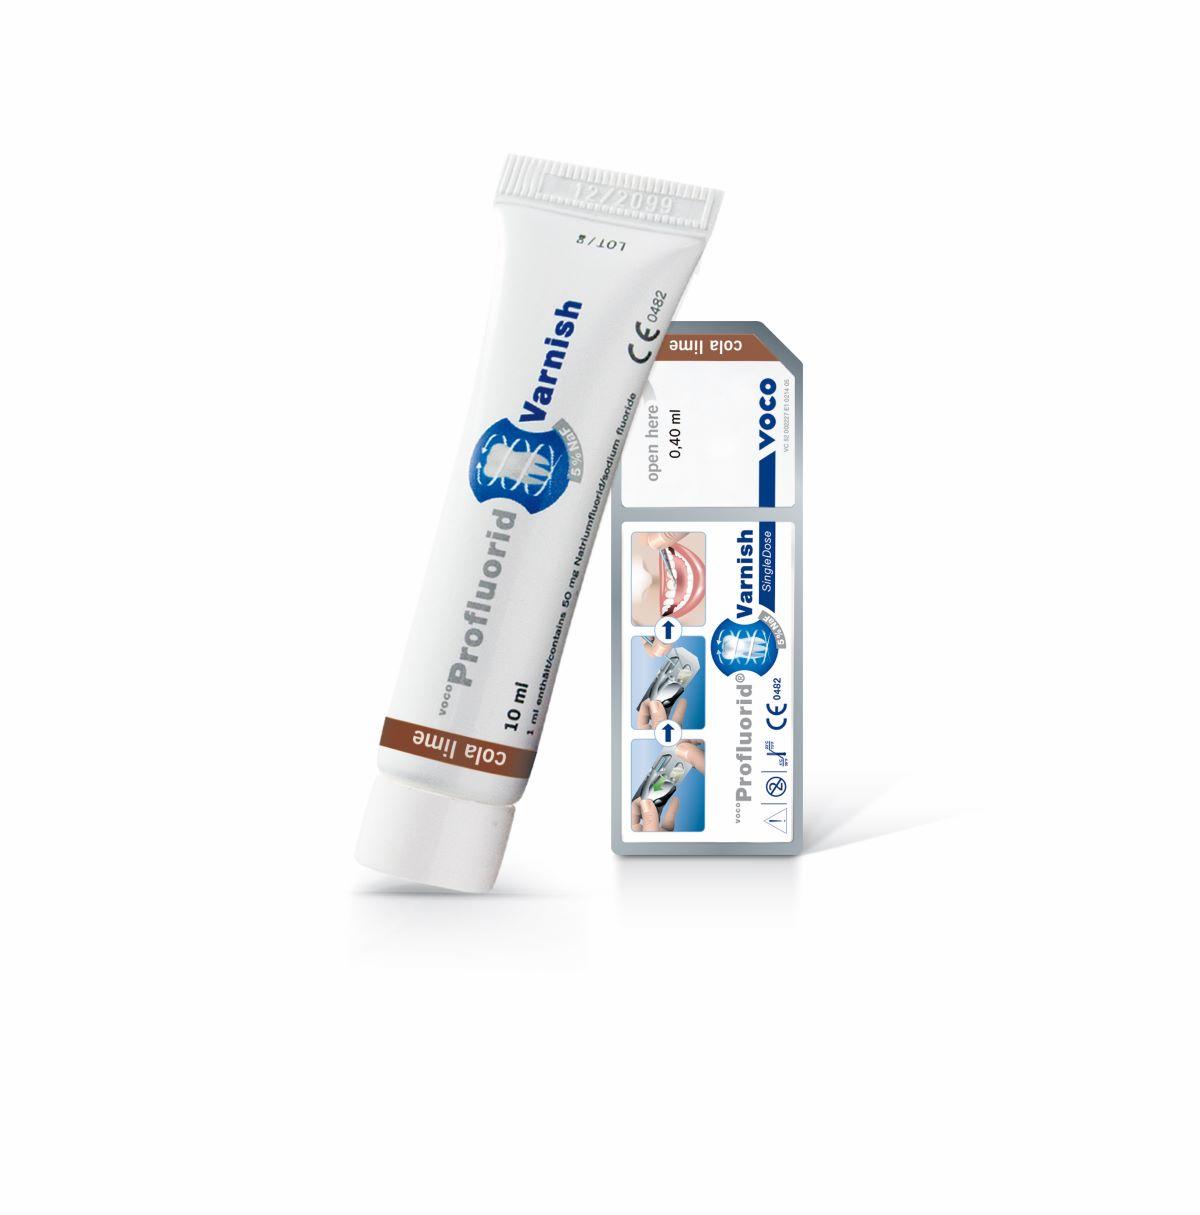 VOCO Profluorid Varnish eignet sich ideal zur Behandlung von hypersensiblen Zähn